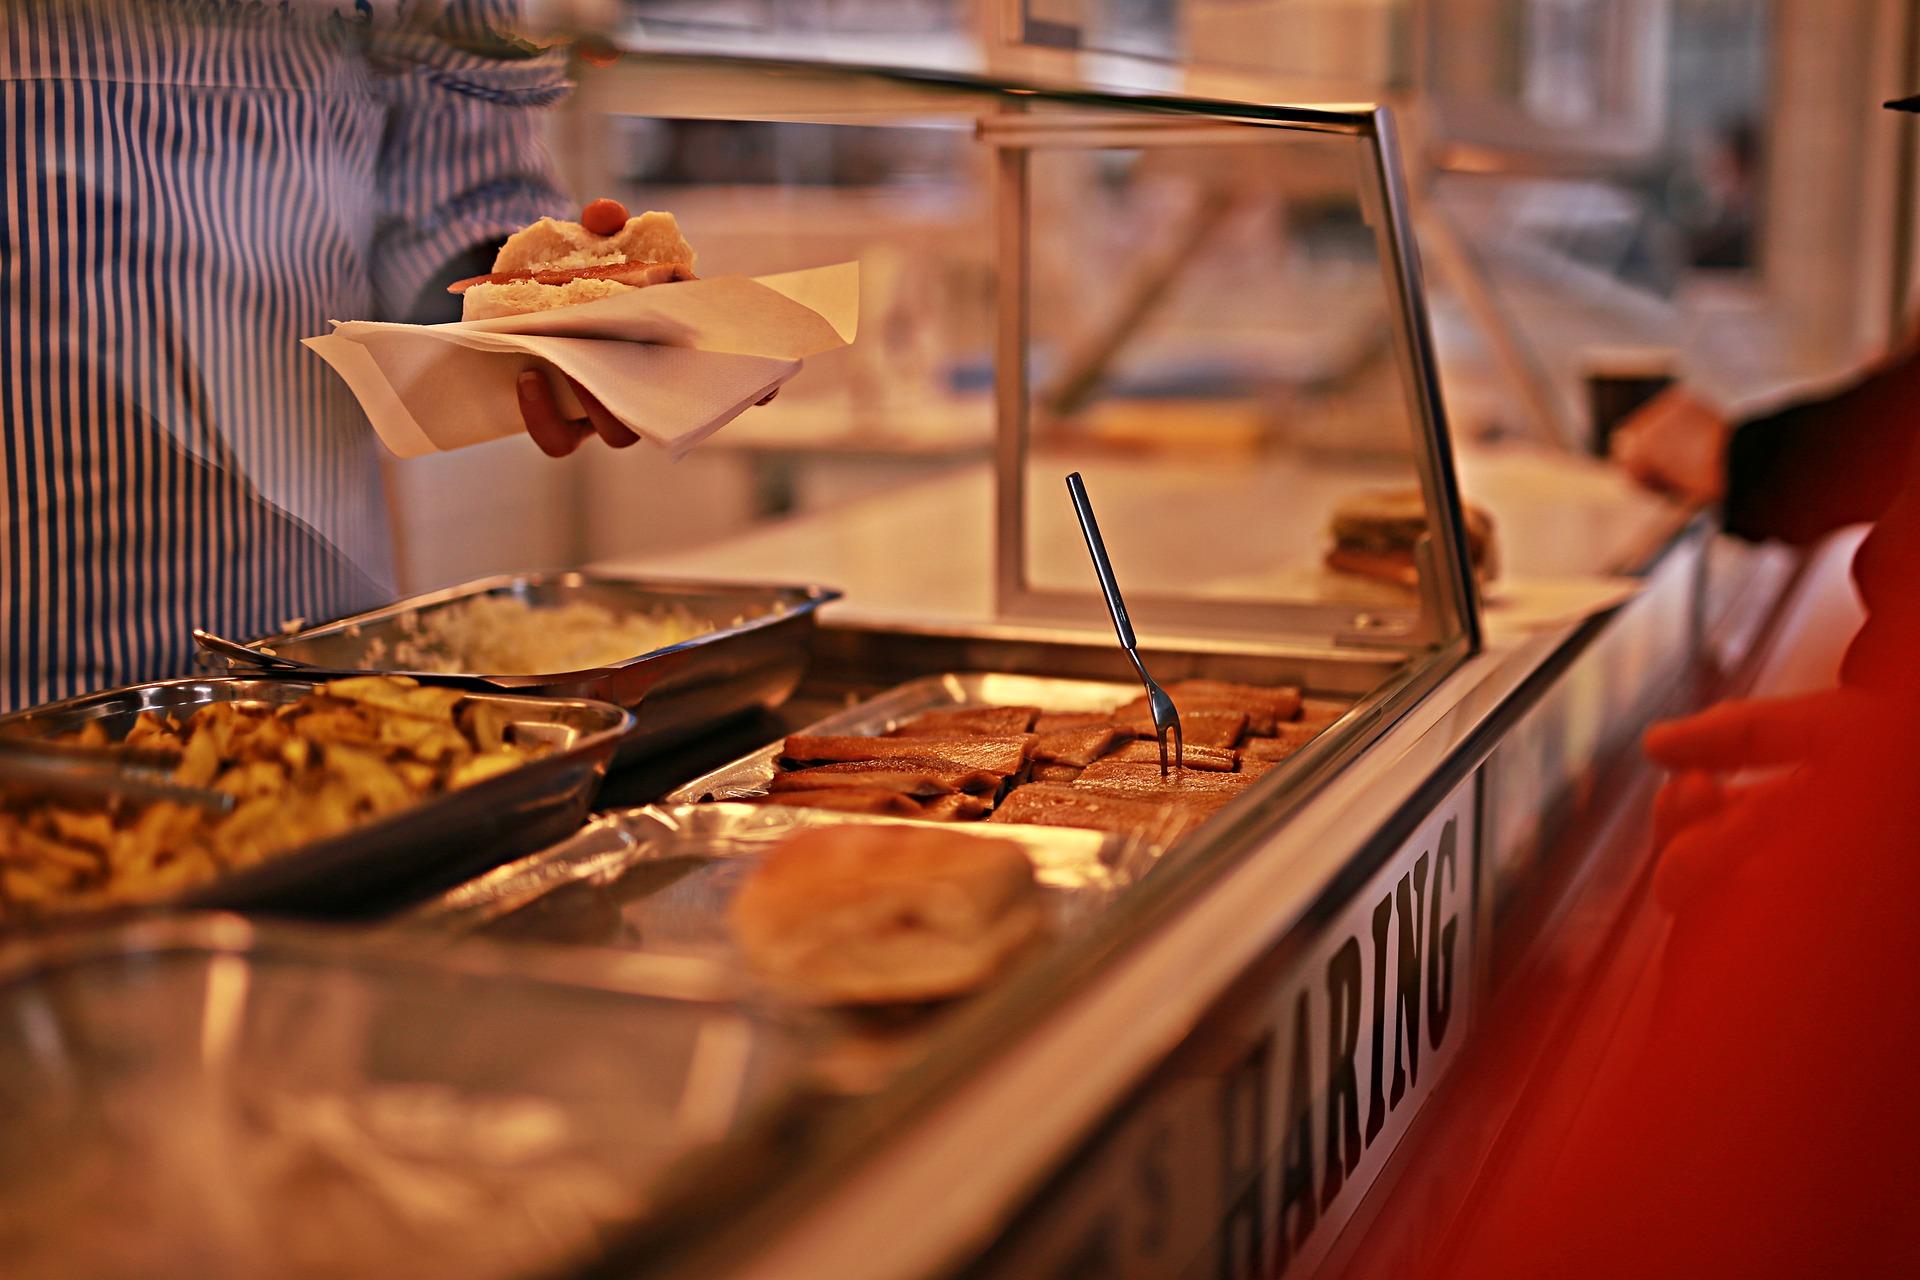 Proč by dítě mělo jíst ve školní jídelně